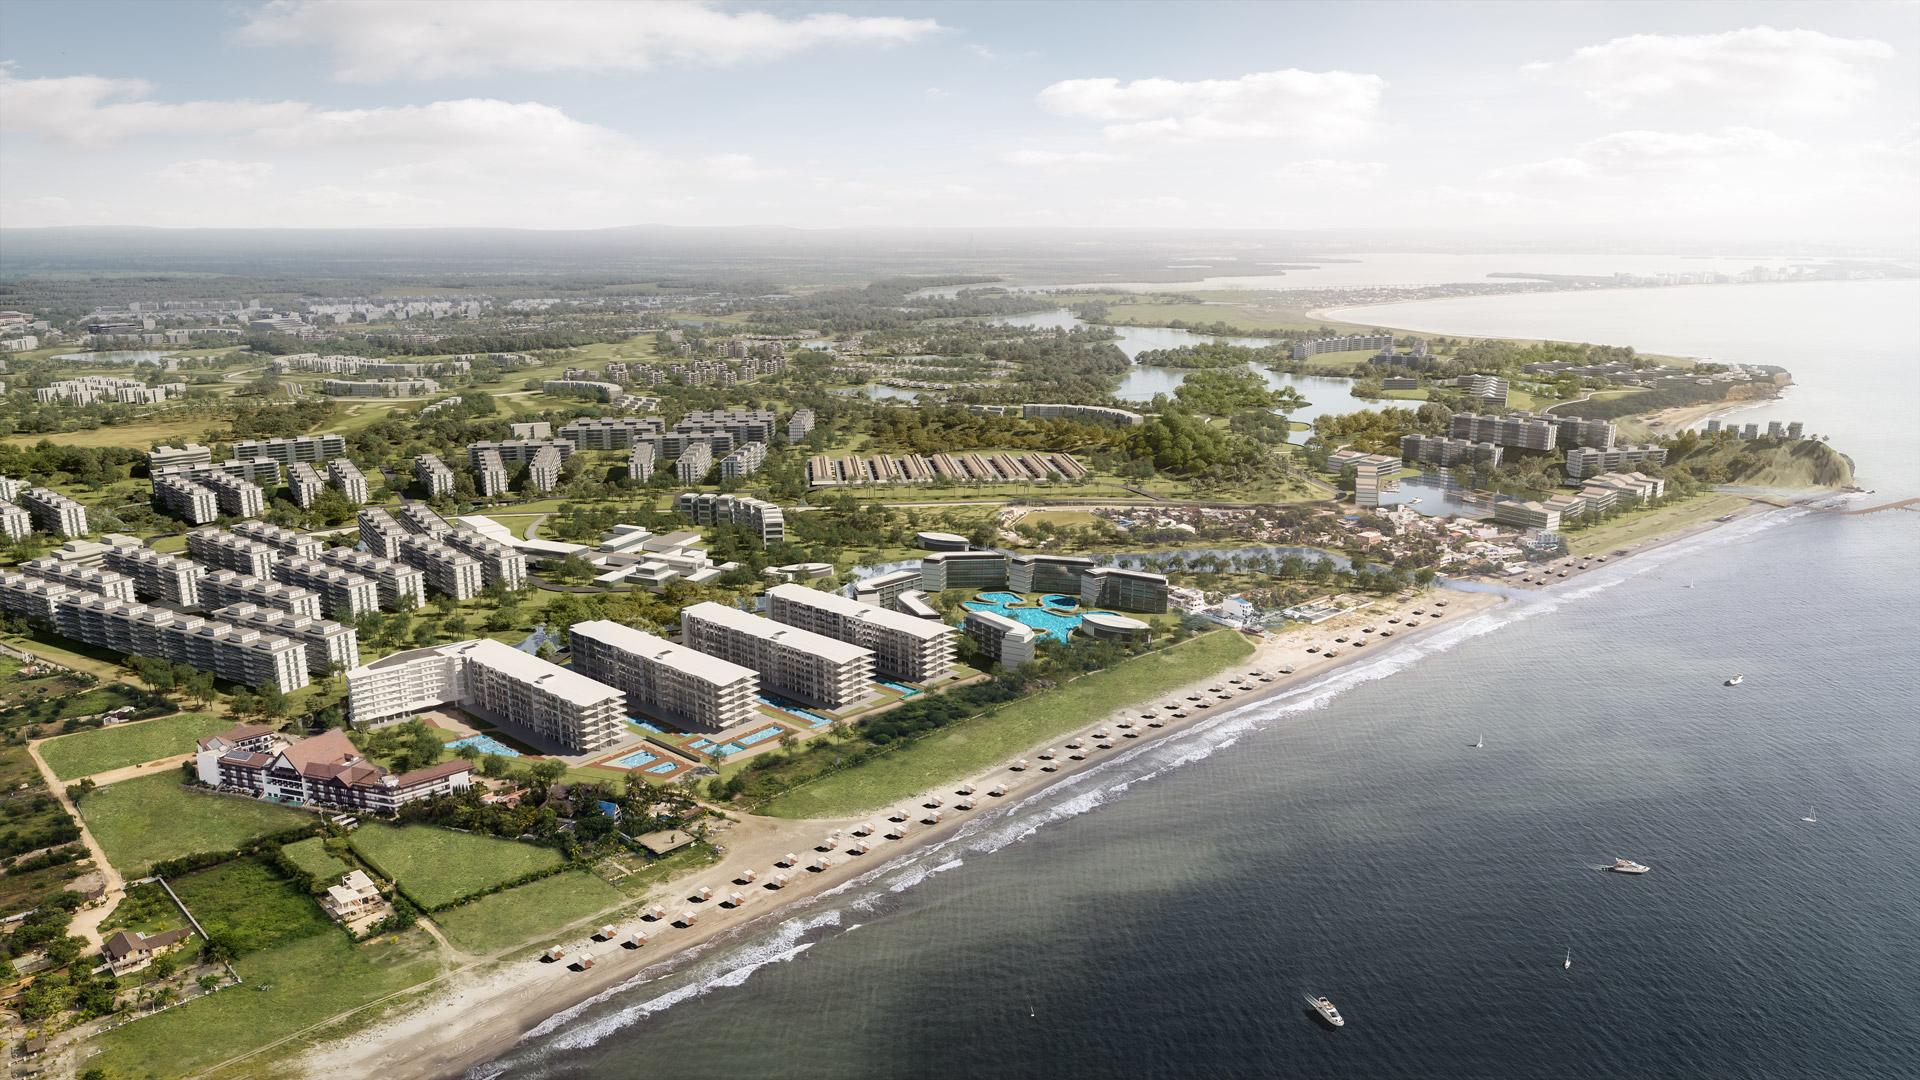 Proyecto Morros EOS - Serena del mar - Cartagena